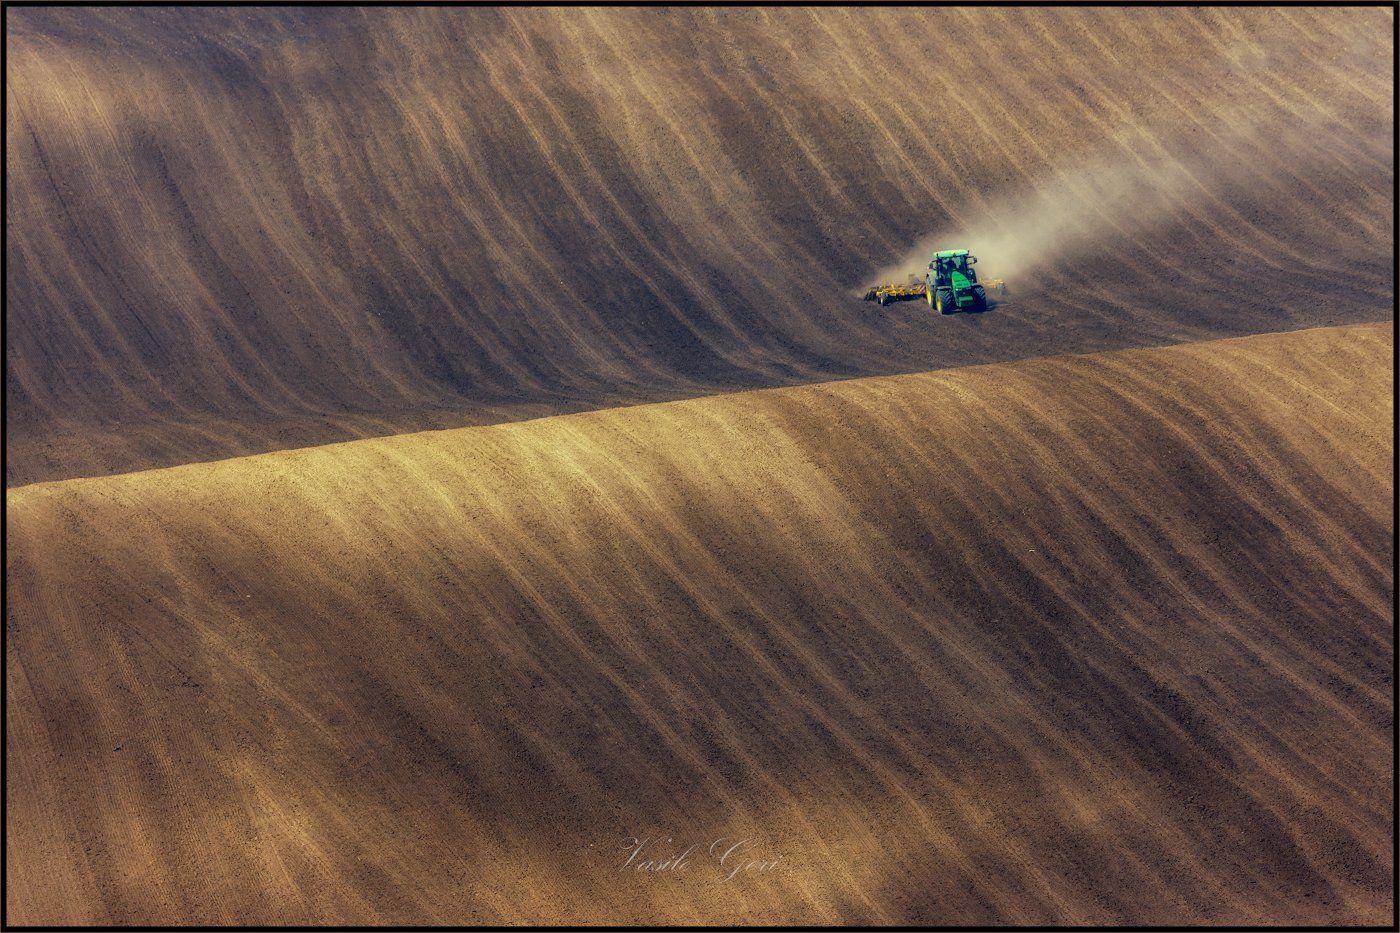 южная моравия,пейзаж,hils,трактор,линии,south moravian,полевые работы,lines,свет,czech,веснa,чехия,landscapes., Василий.